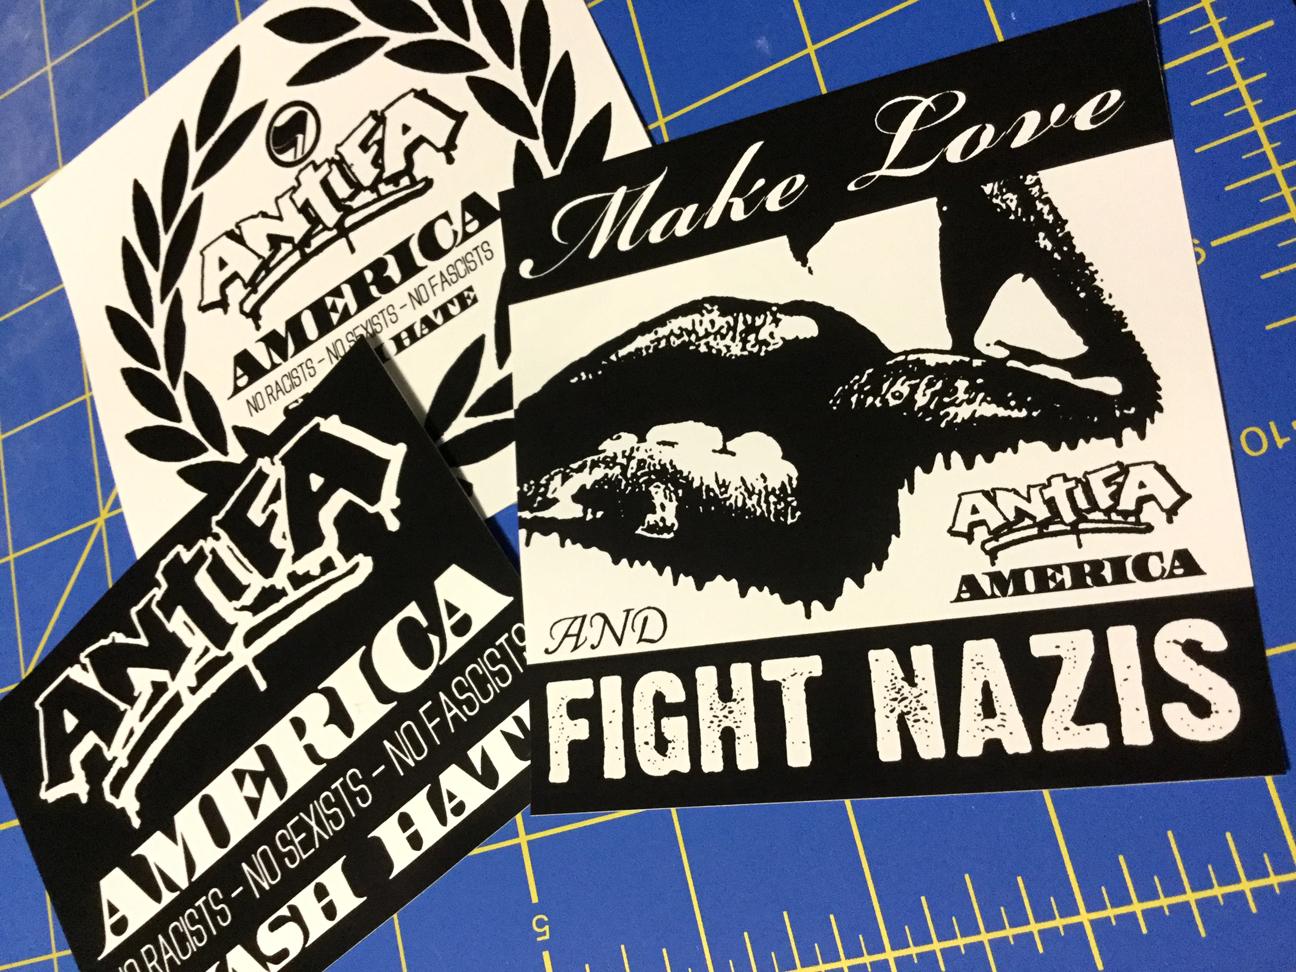 Antifa America - Vinyl Sticker Pack v01 from Populous Ephemera